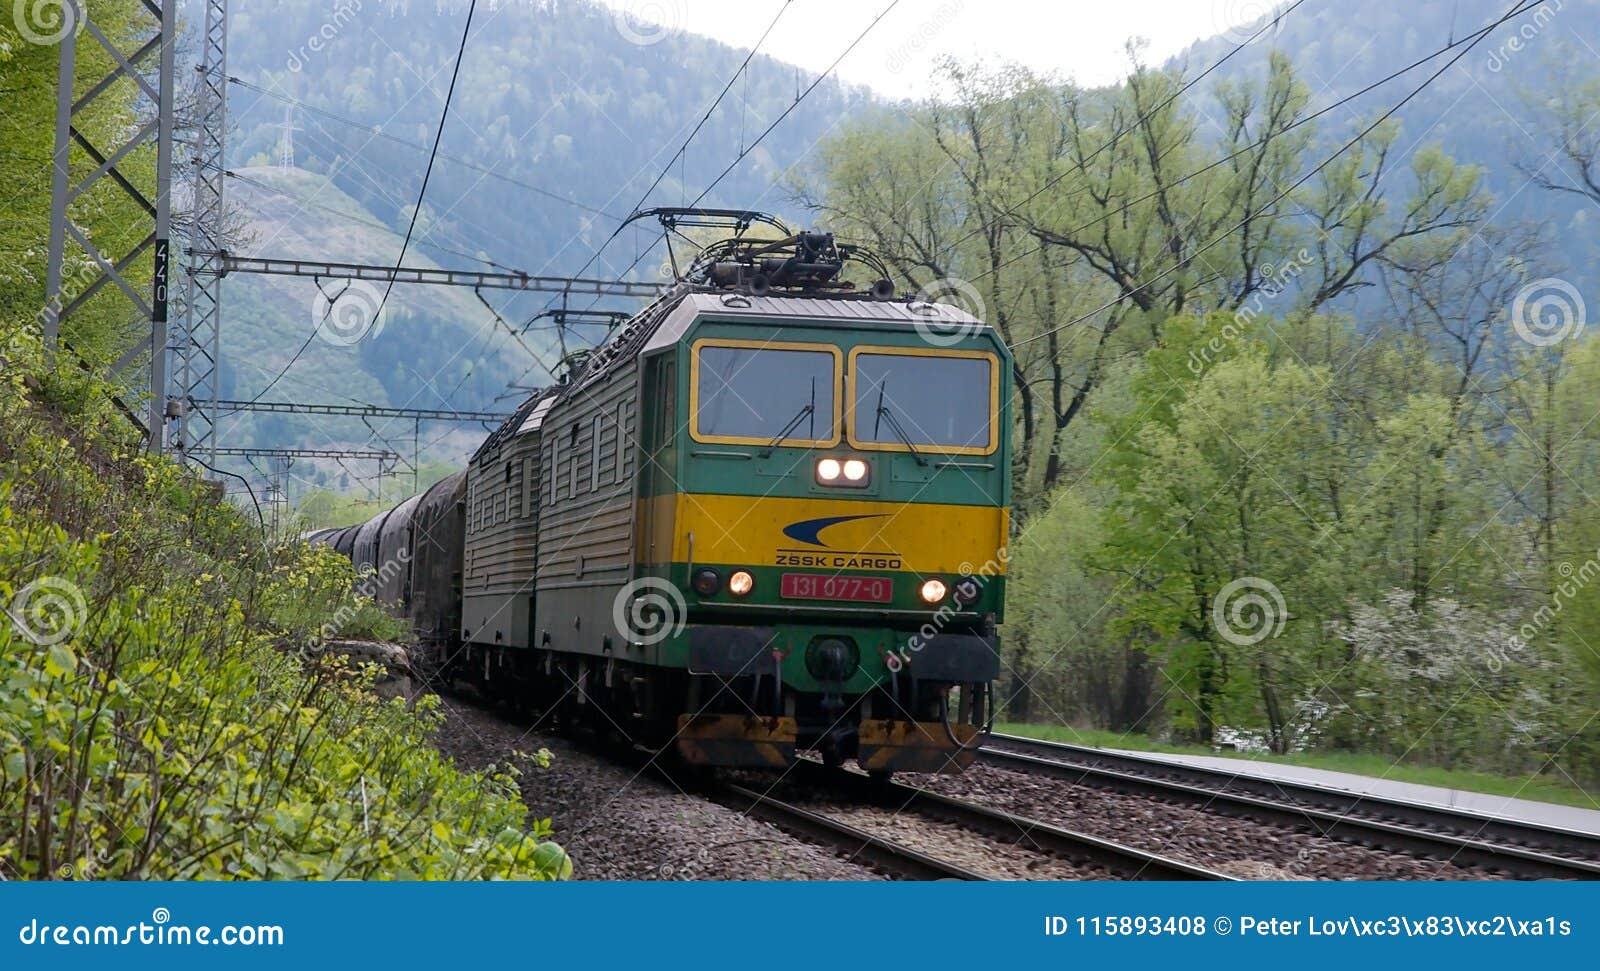 Lokomotiv med DC-strömförsörjning för 3000 V